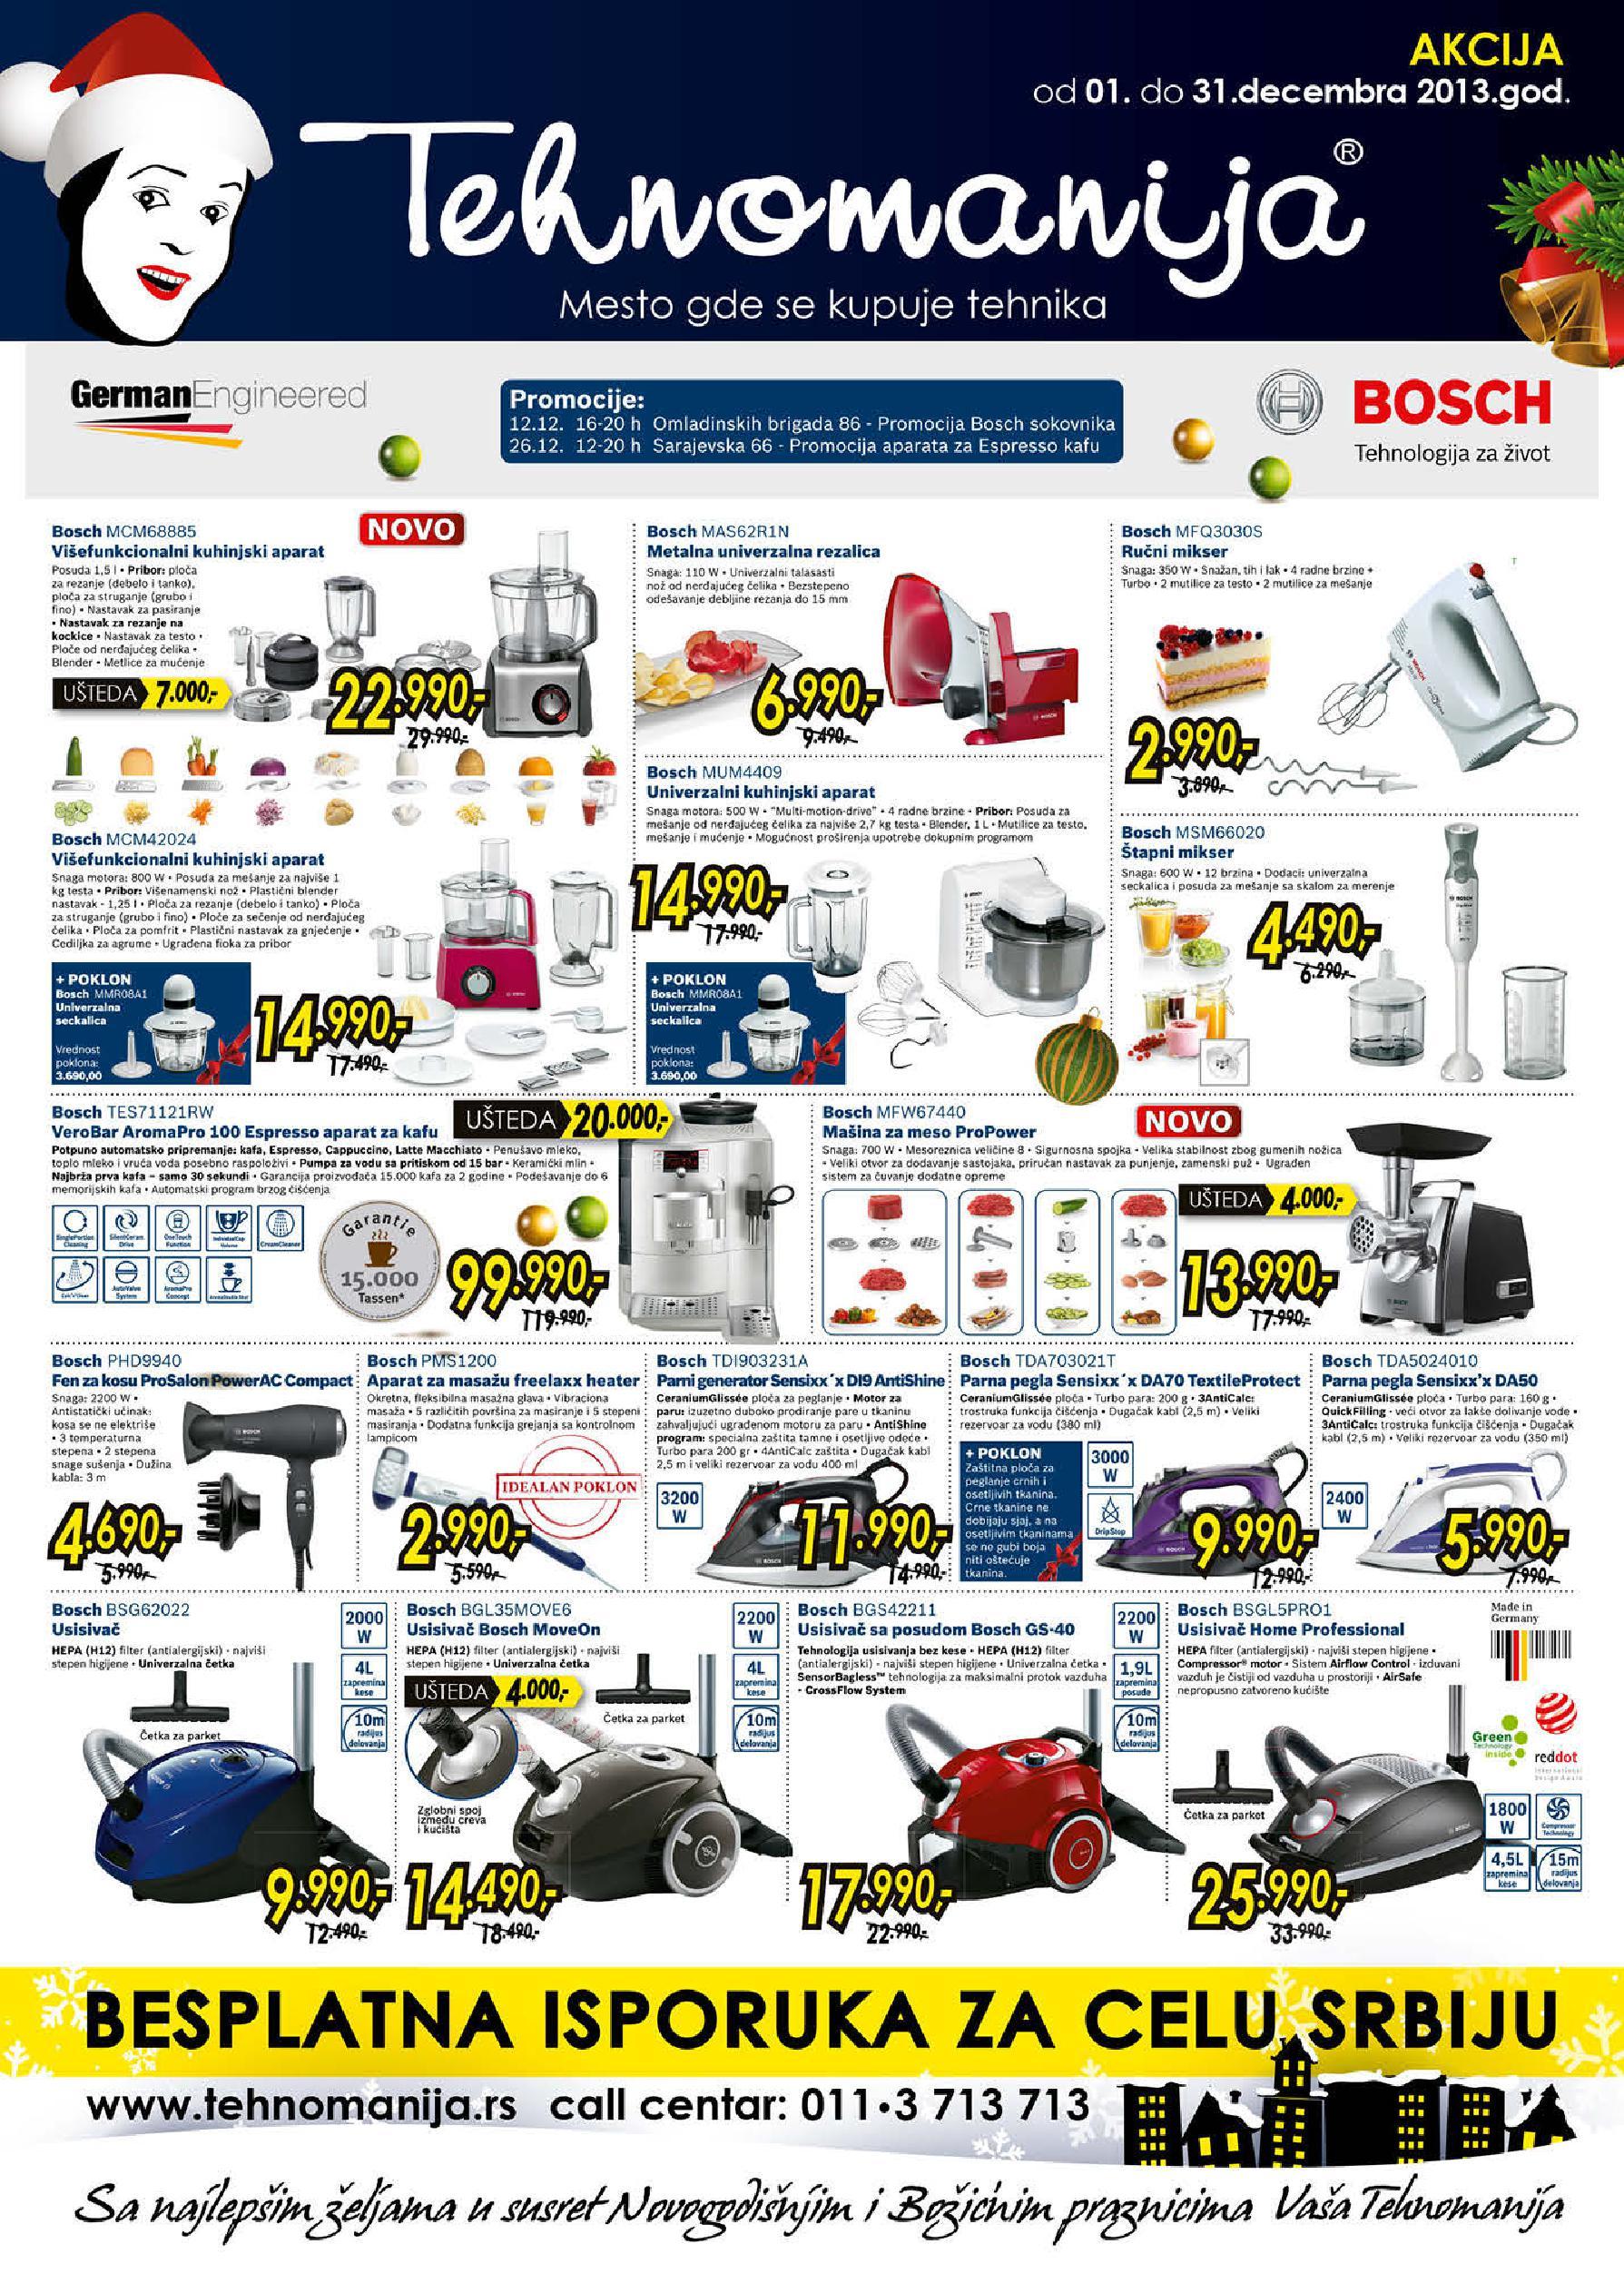 Tehnomanija katalog mali kućni aparati odlična ponuda